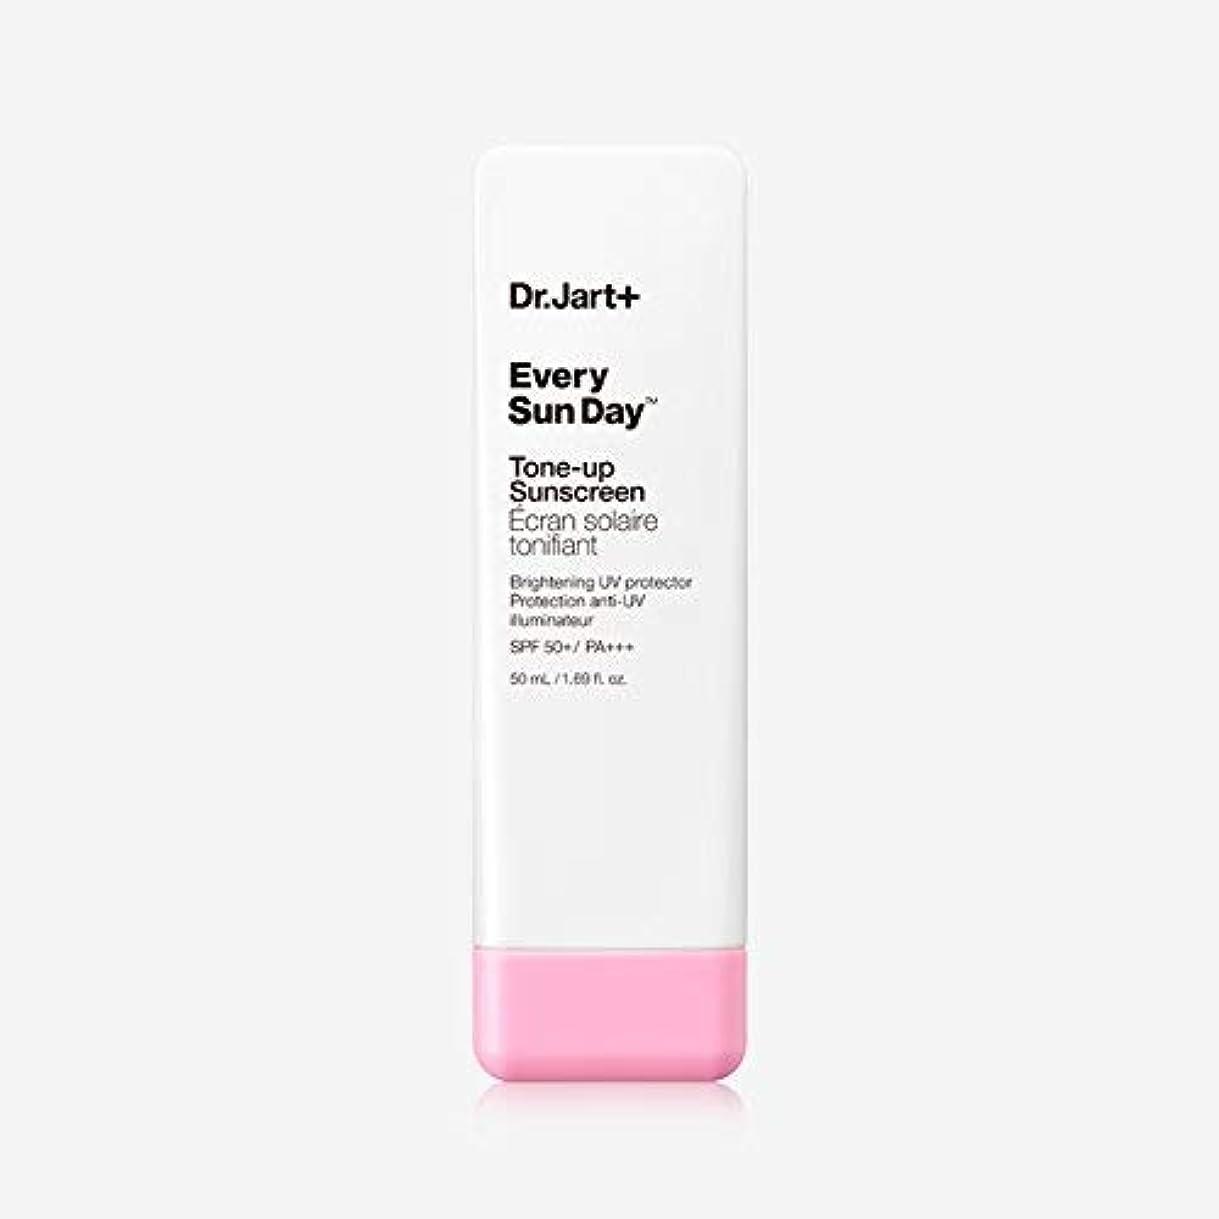 ドライバ倫理的ライブDr.Jart+ Every Sun Day Tone-up Sunscreen SPF50+ PA+++ 50ml / ドクタージャルトゥエヴリサンデートーンアップサンスクリーンSPF50+PA+++50ml [並行輸入品]